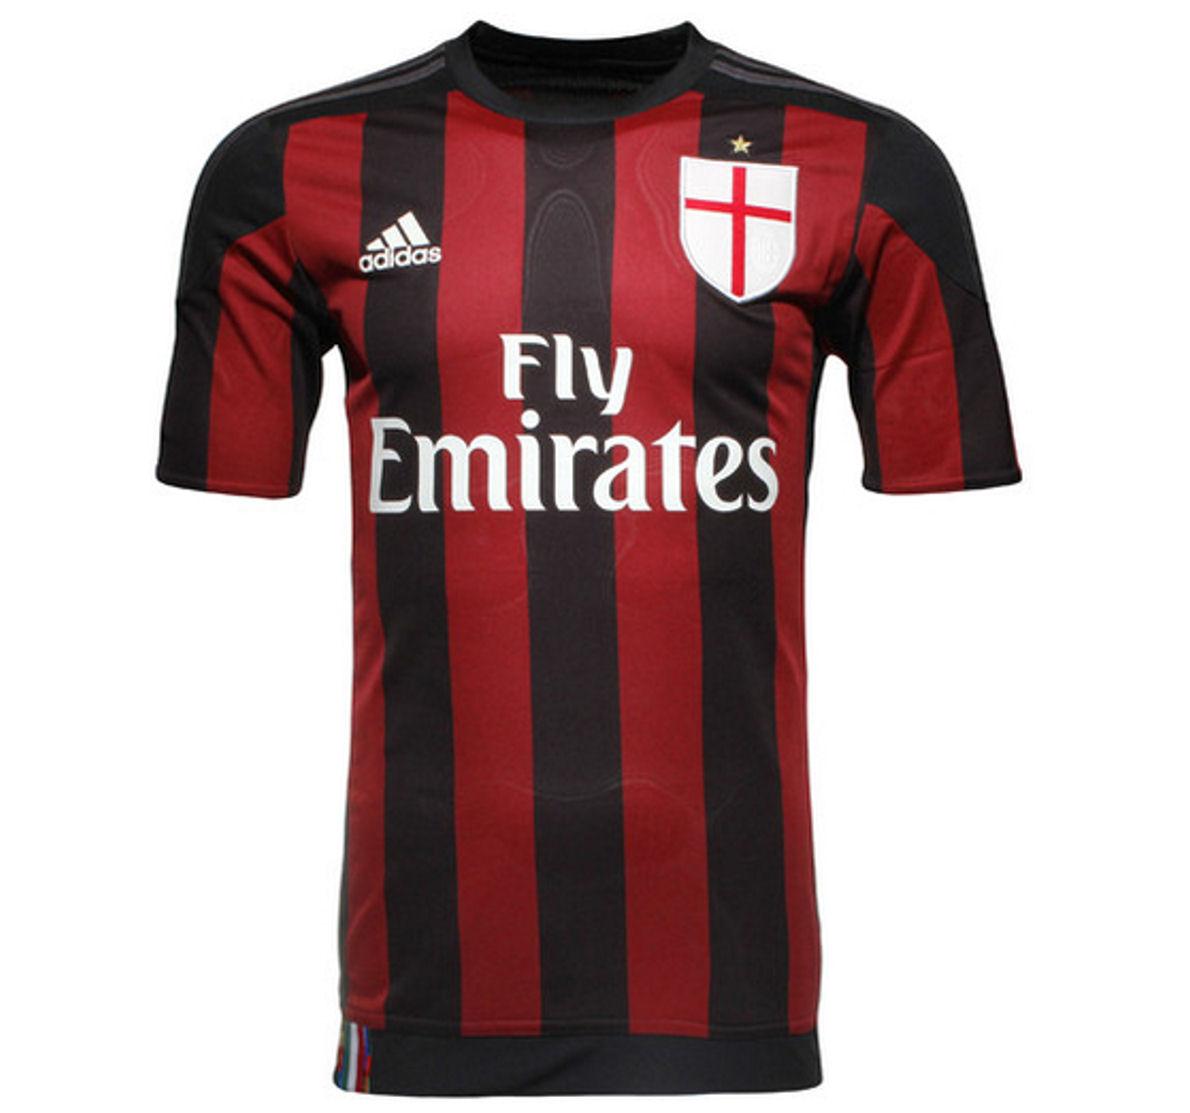 Equipacion De Futbol Baratas: Camisetas De Ac Milan Futbol Baratas Equipacio